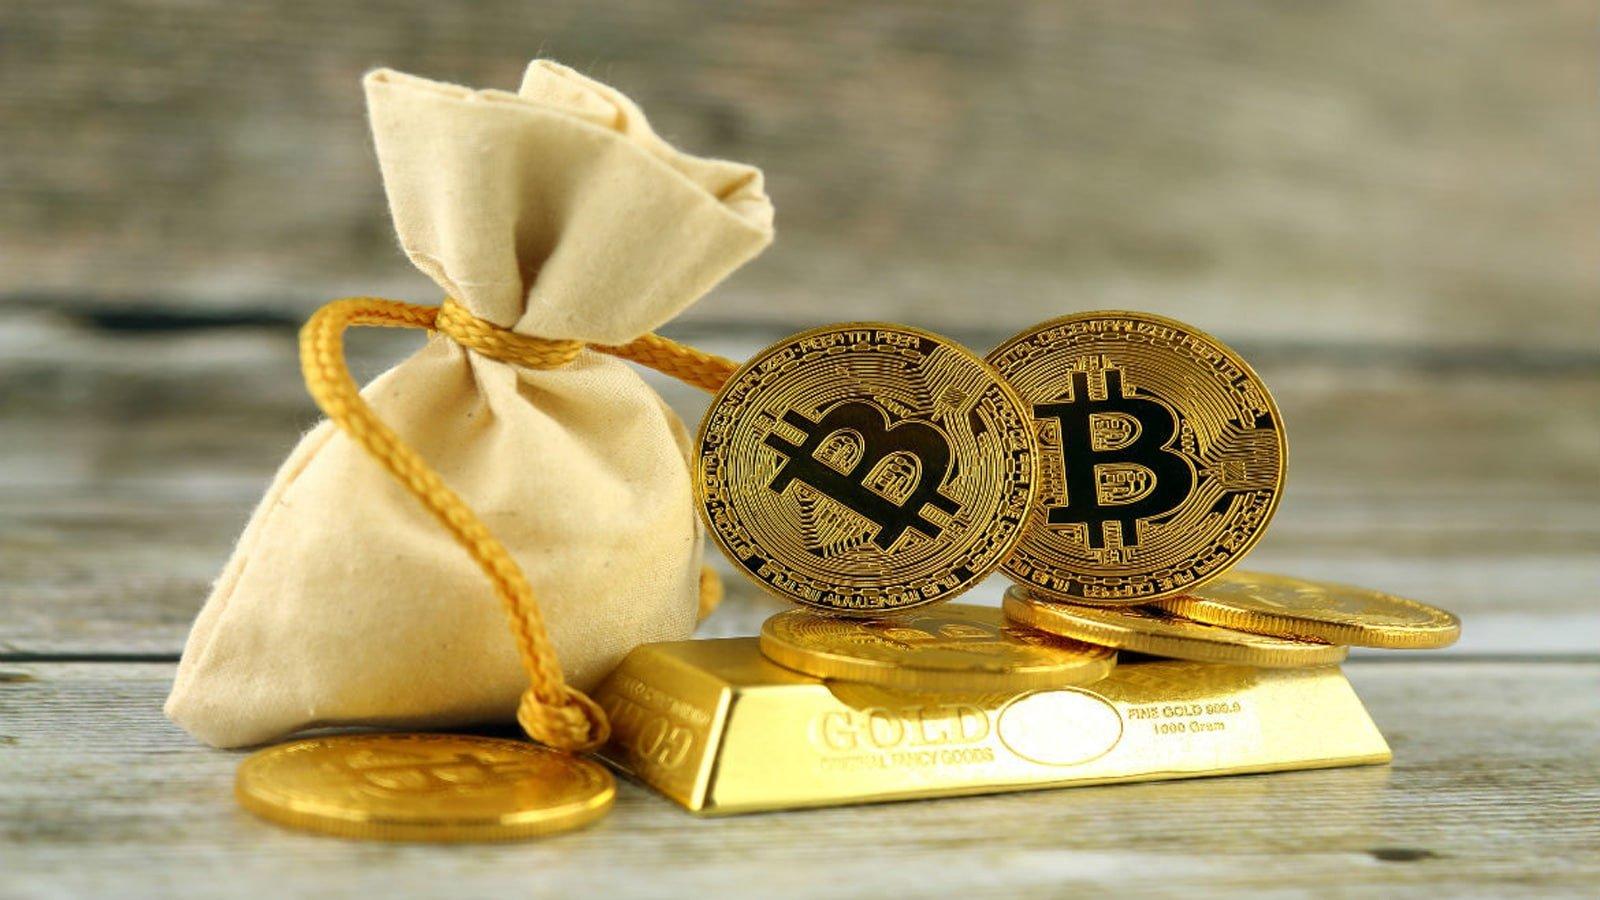 Giá Bitcoin ngày 23/3: Song kiếm hợp bích cùng vàng